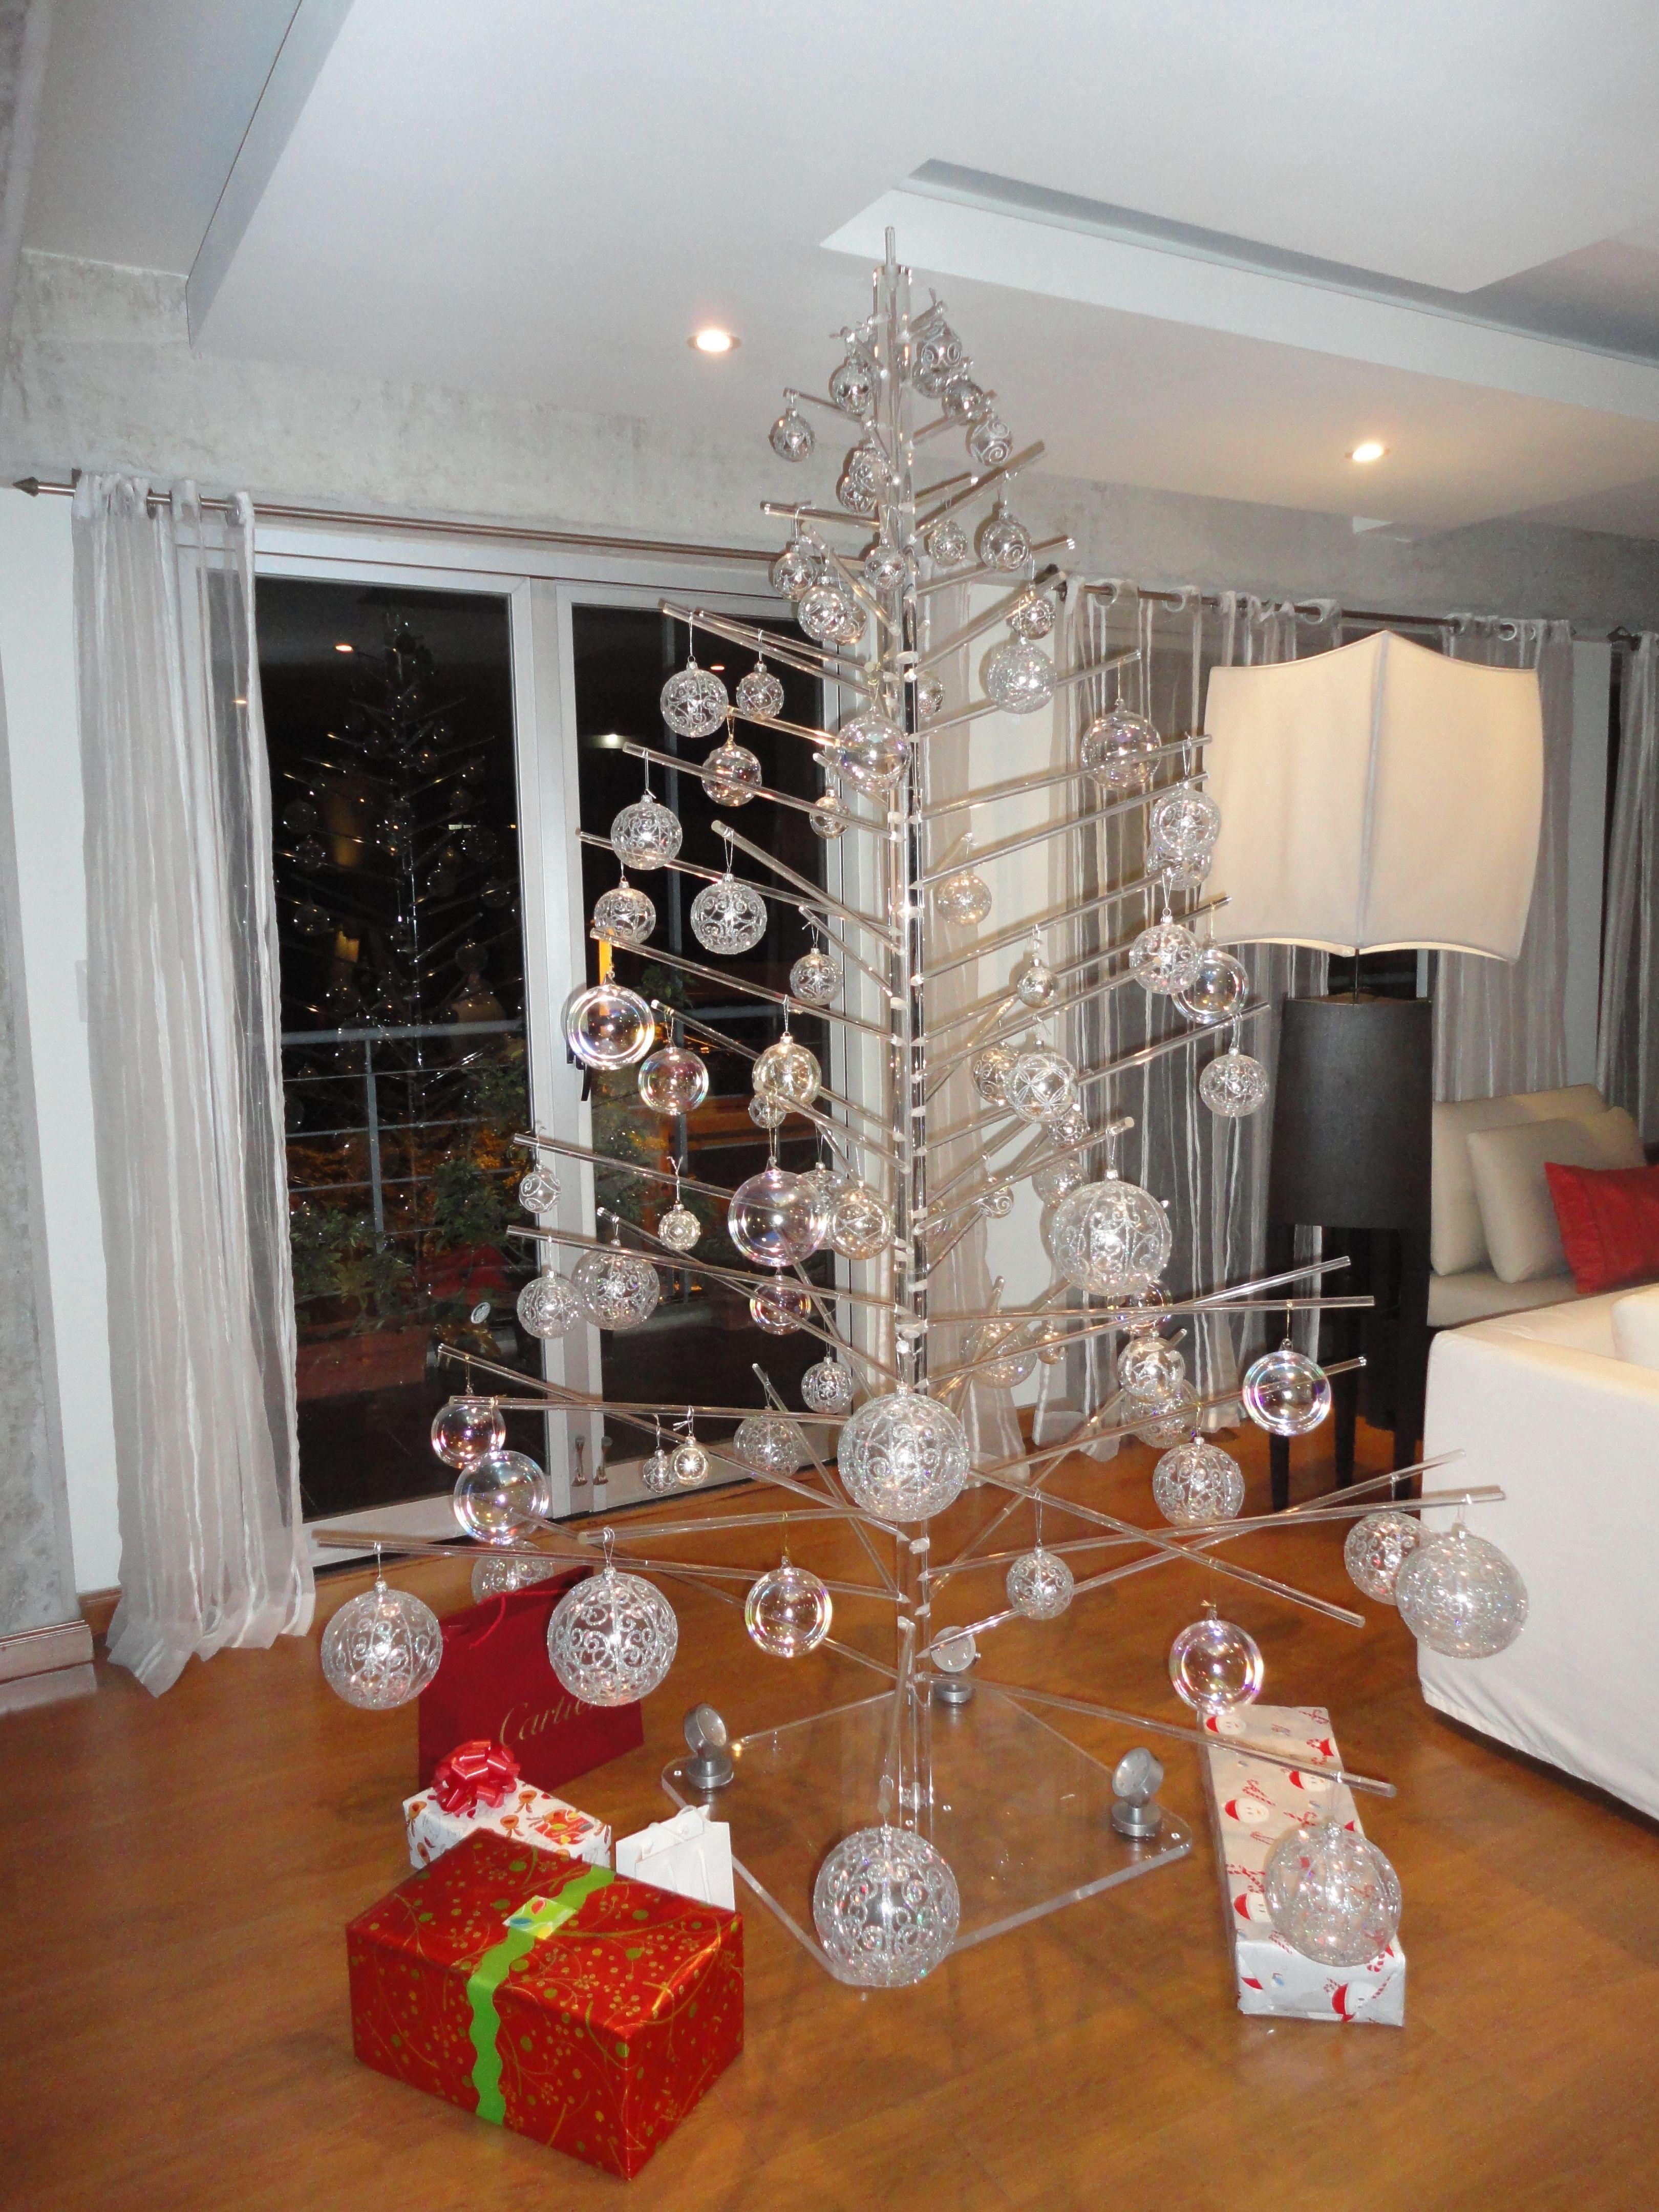 Arbolito Terminado 3 Jpg 3240 4320 Clear Acrylic Christmas Tree Christmas